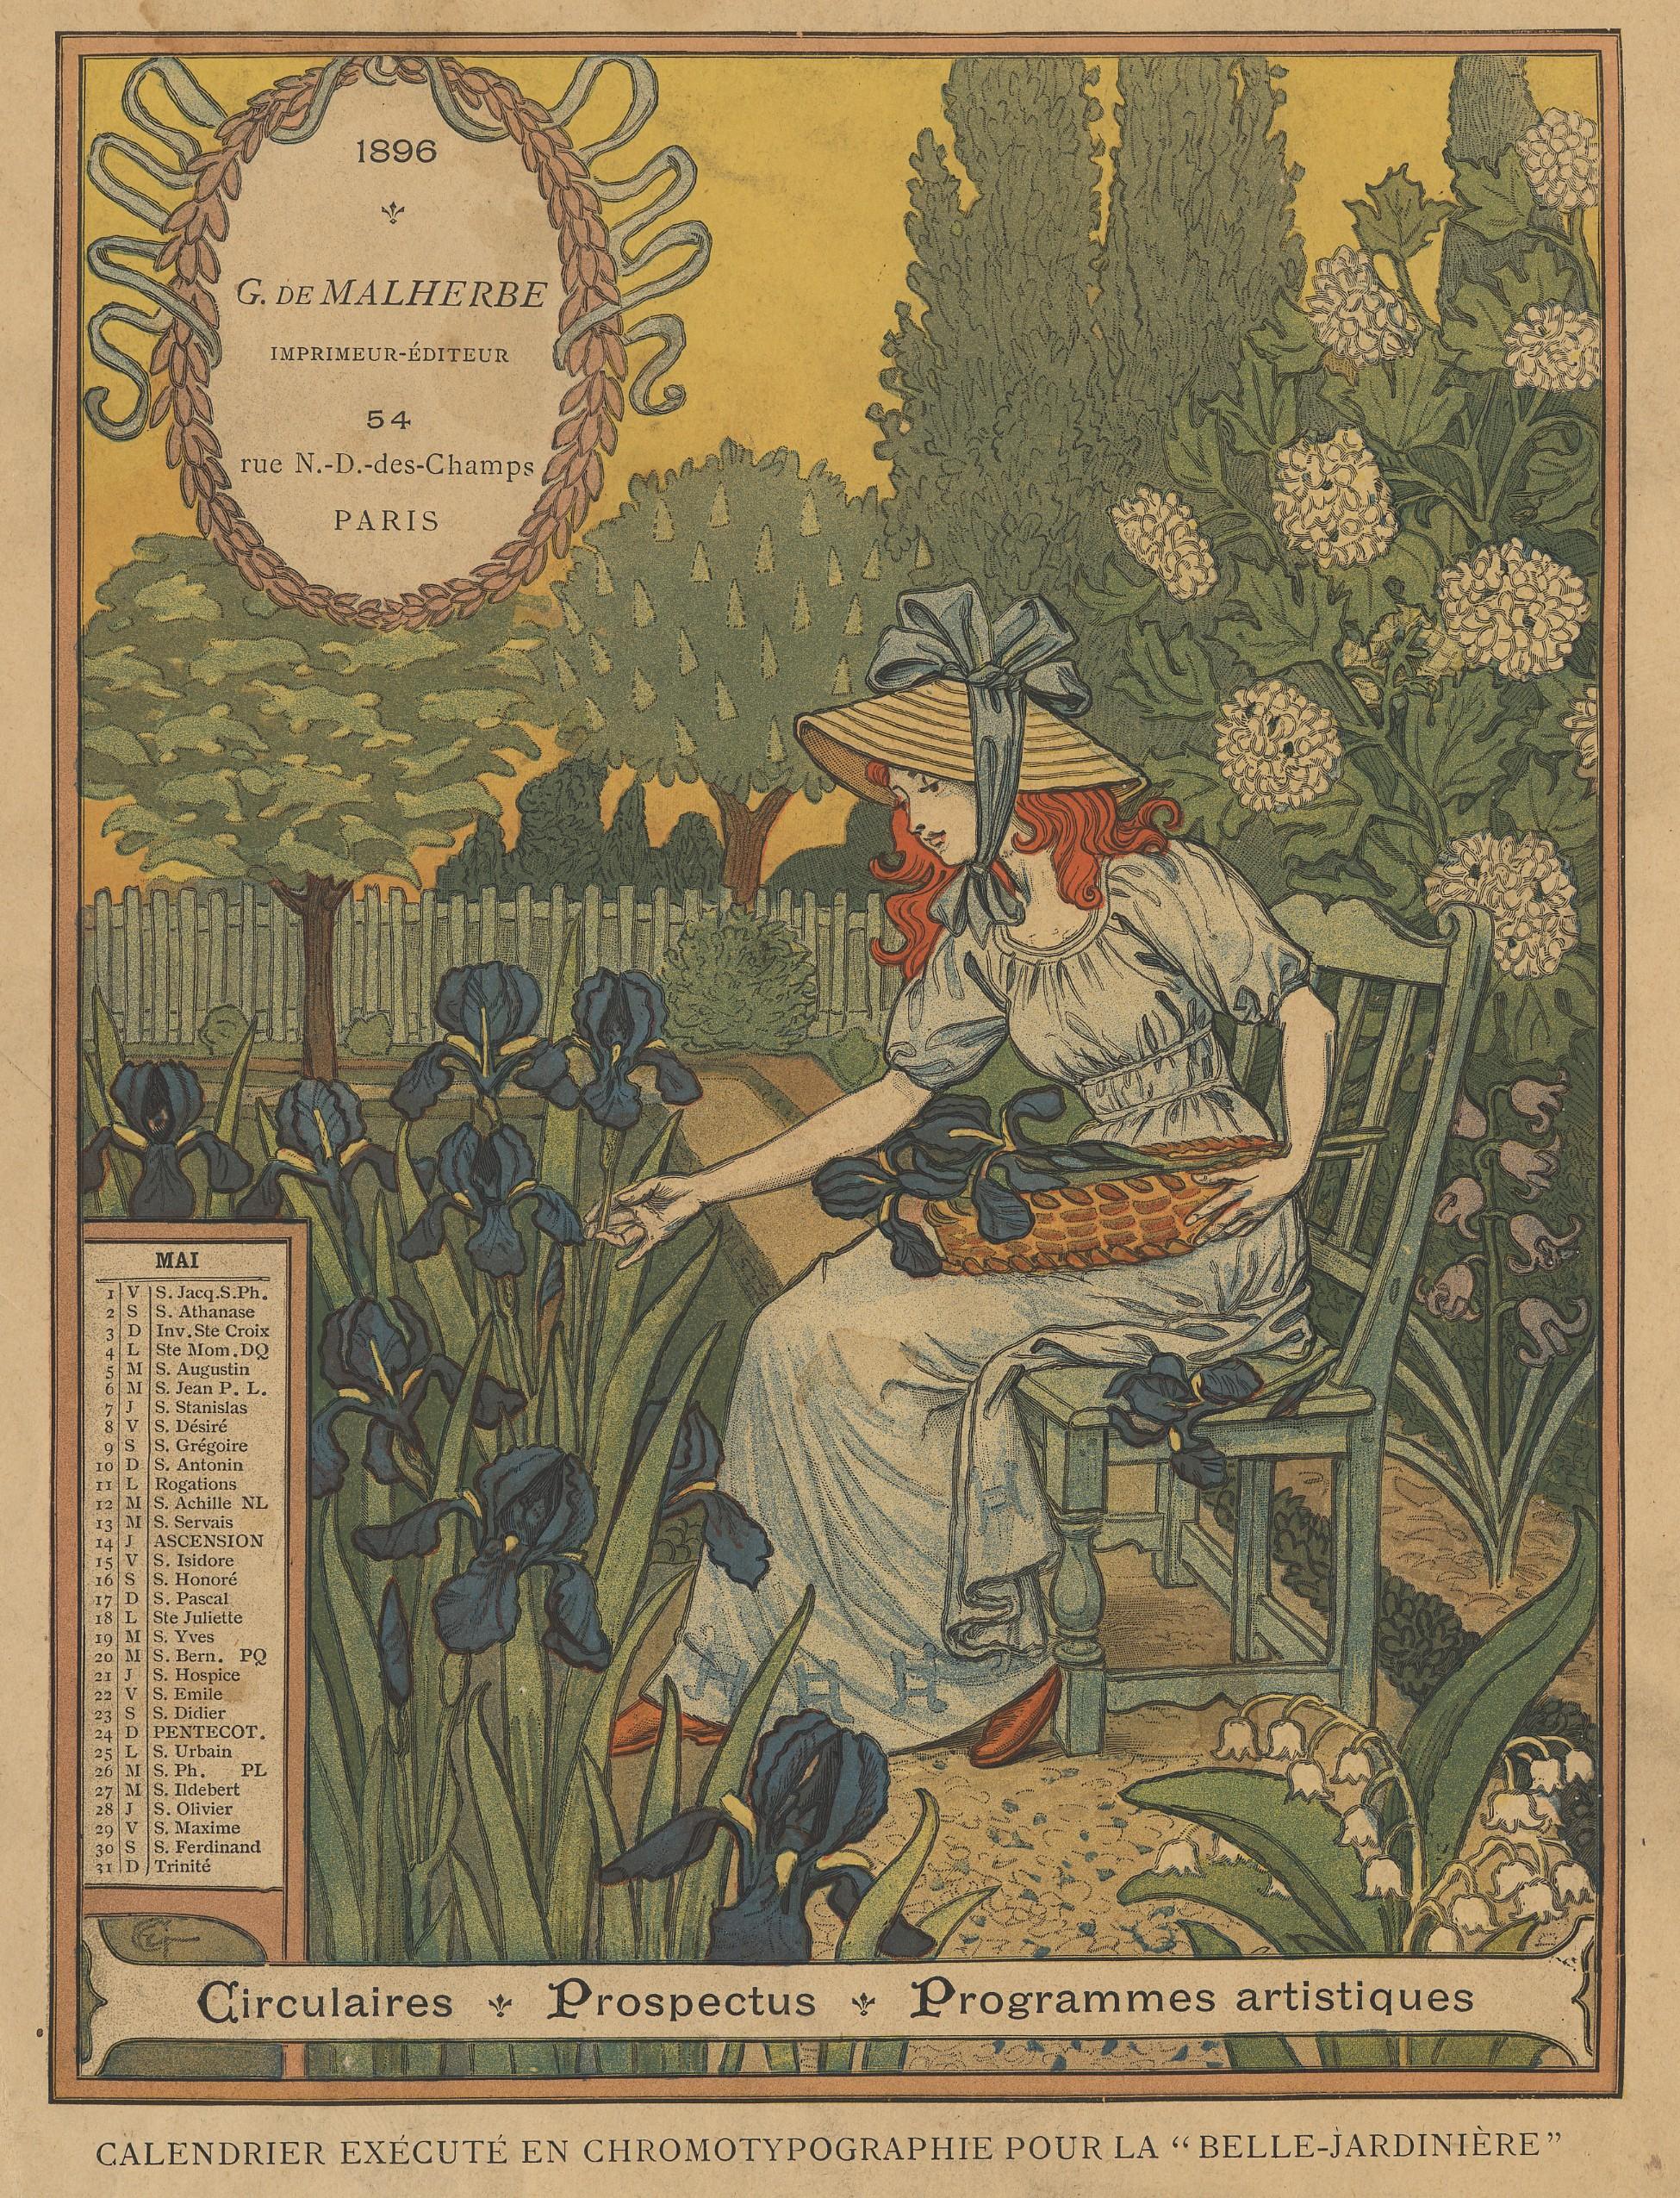 Contenu du Calendrier de 1896 de La Belle Jardinière. Les Mois: Mai